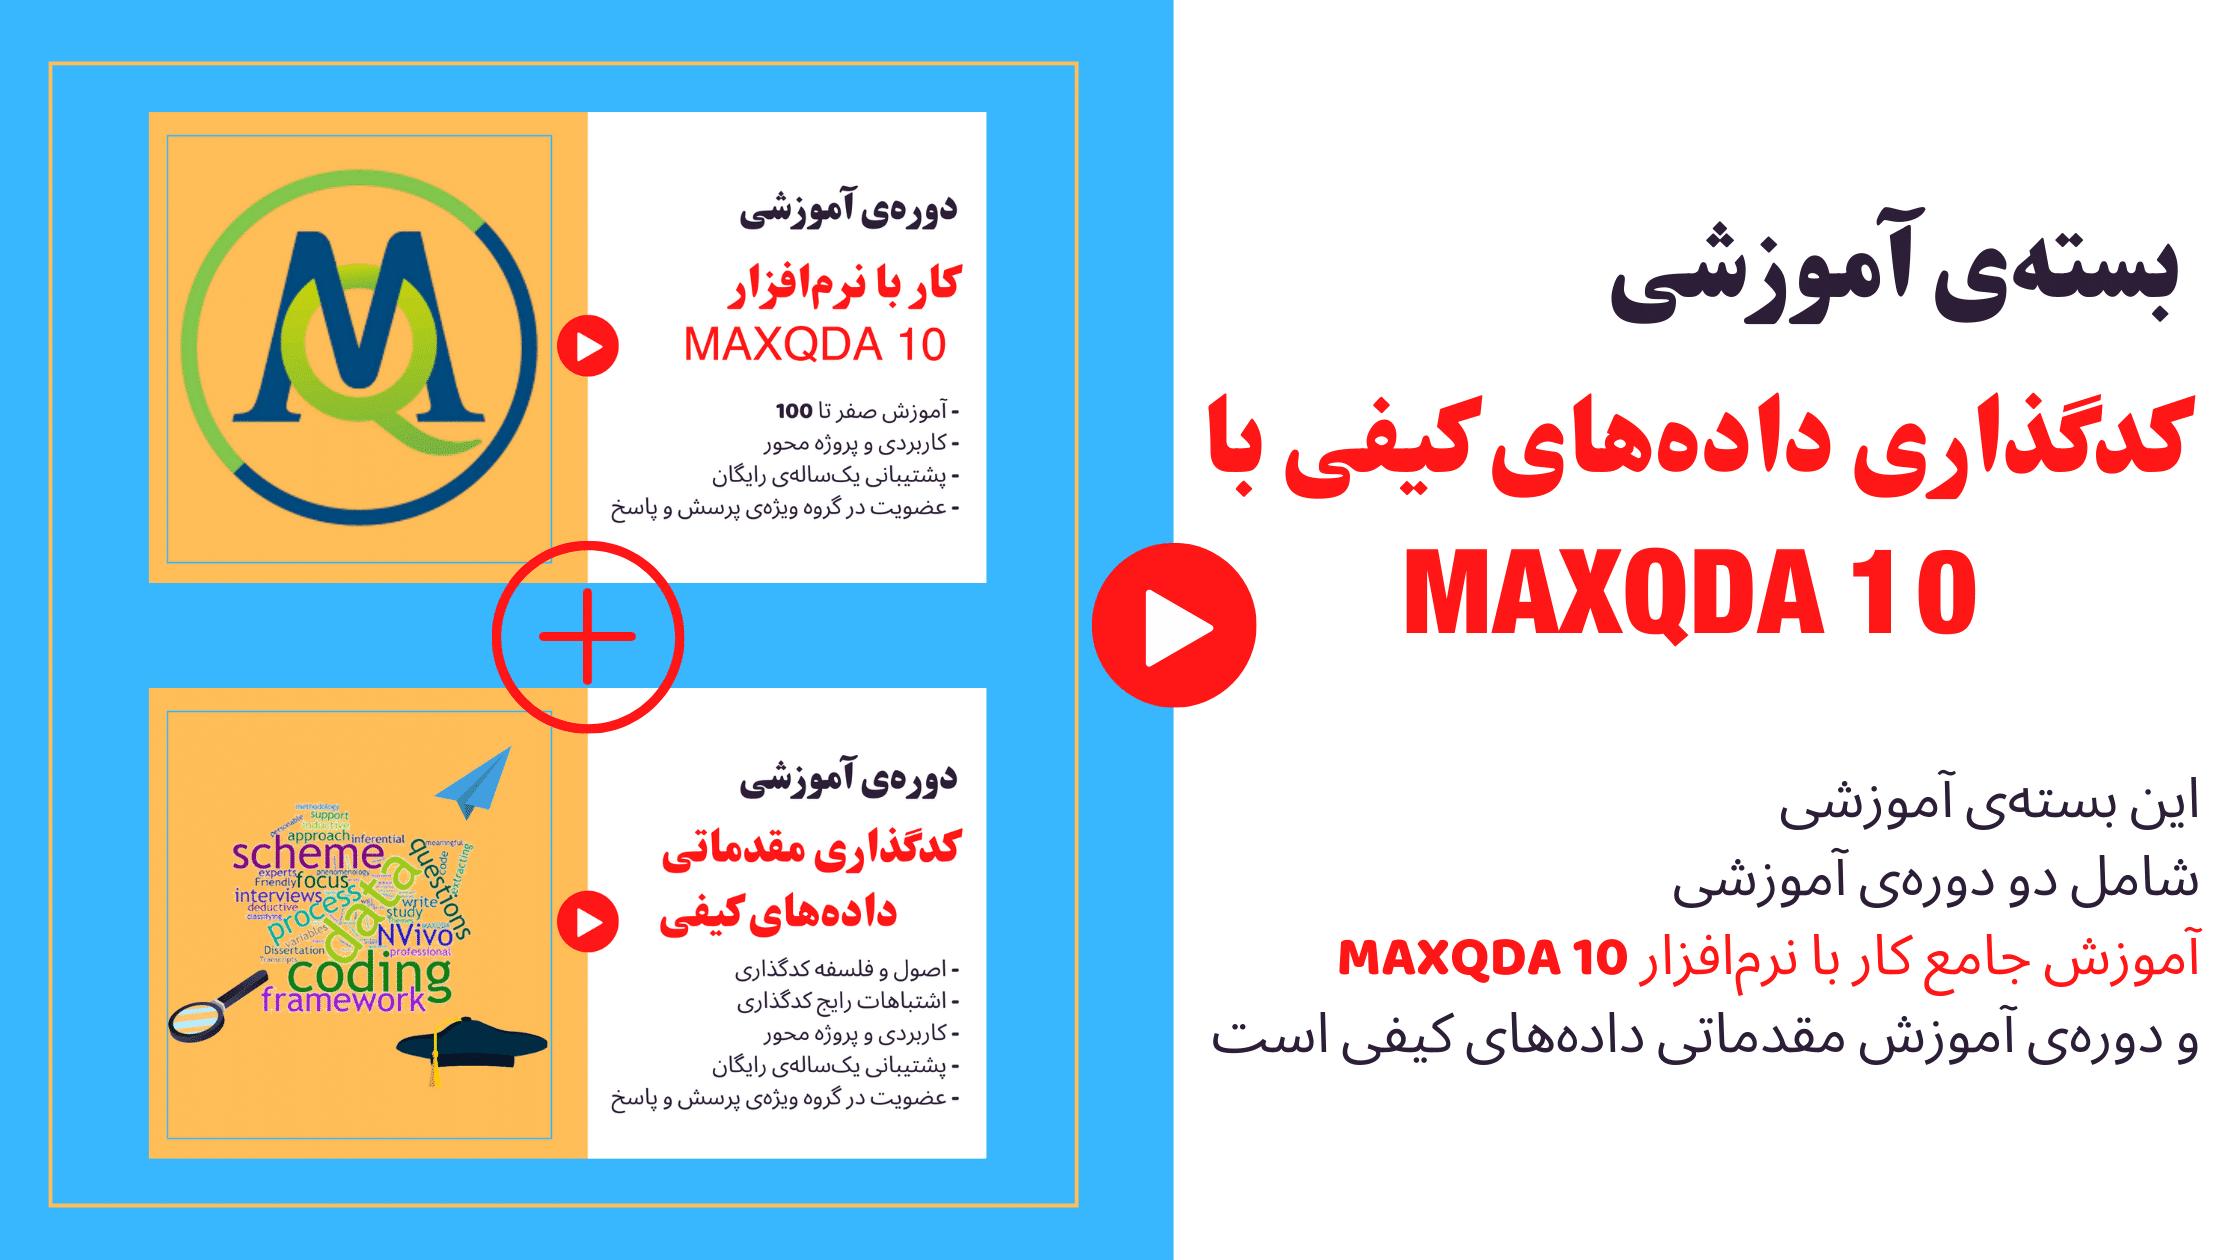 کدگذاری داده های کیفی با maxqda 10